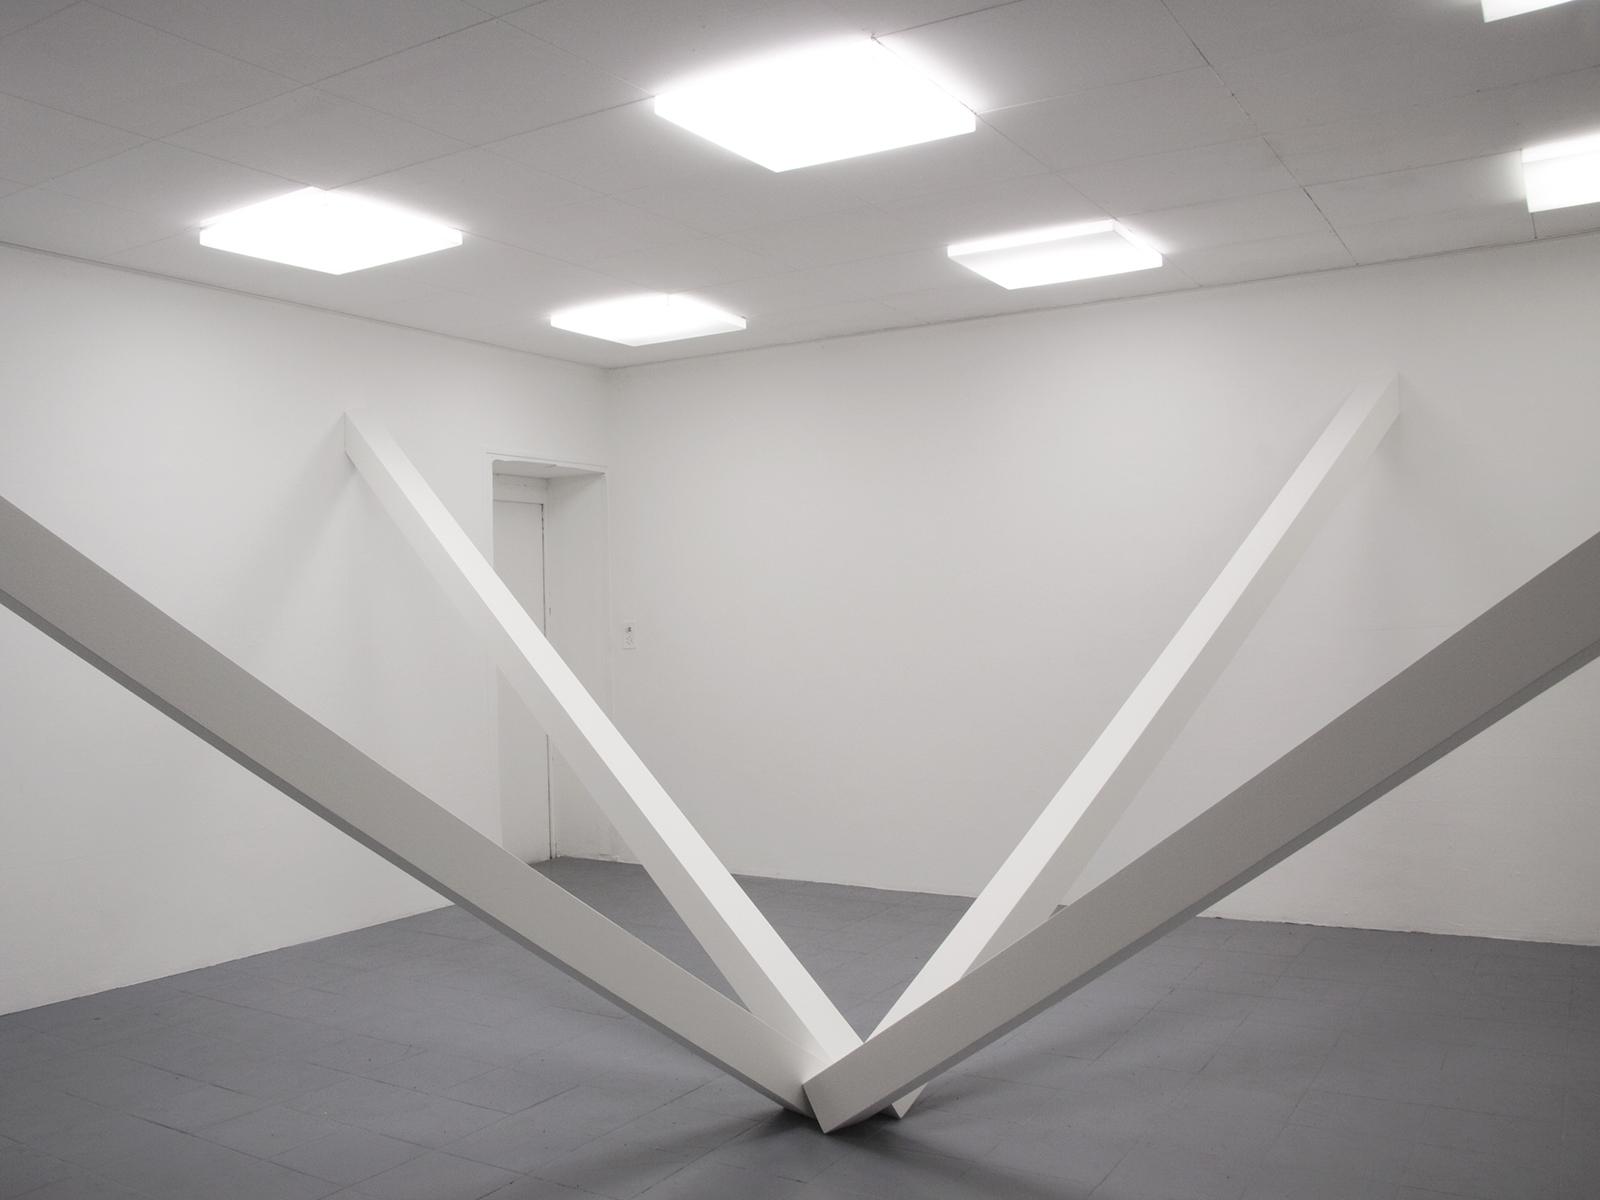 Benoit-Delaunay-artiste-installations-2010-Une Sculpture-07